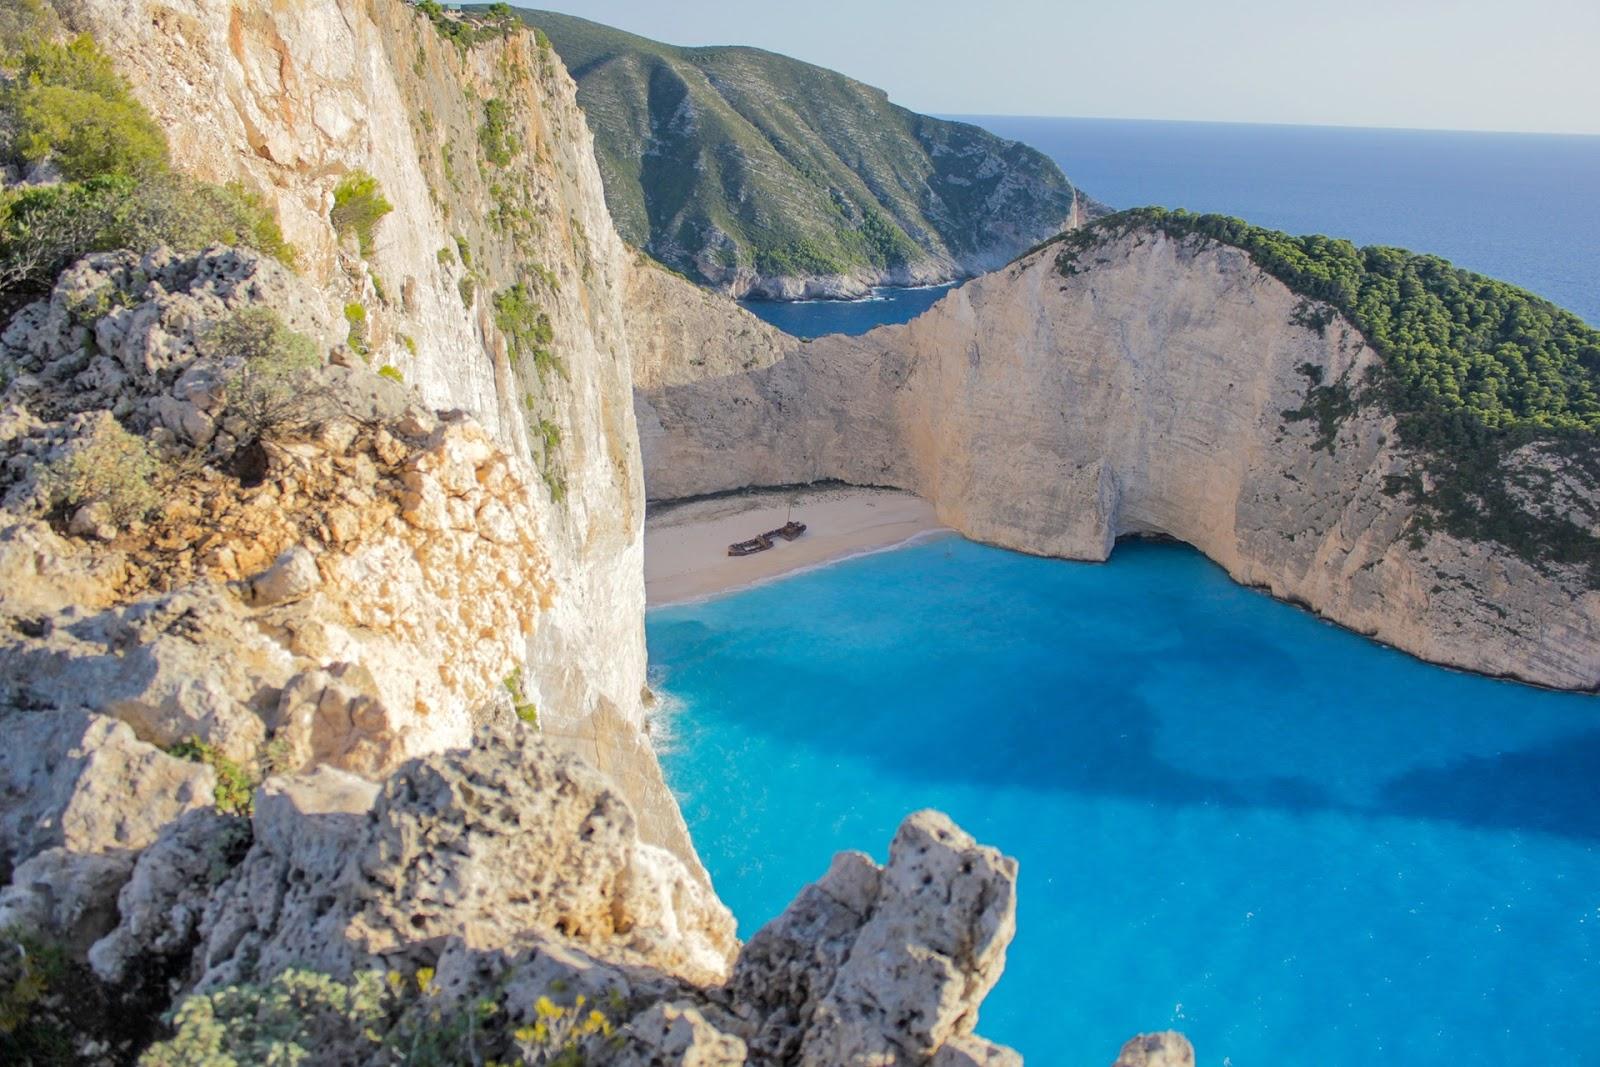 Foto Pemandangan Alam Asli Menakjubkan